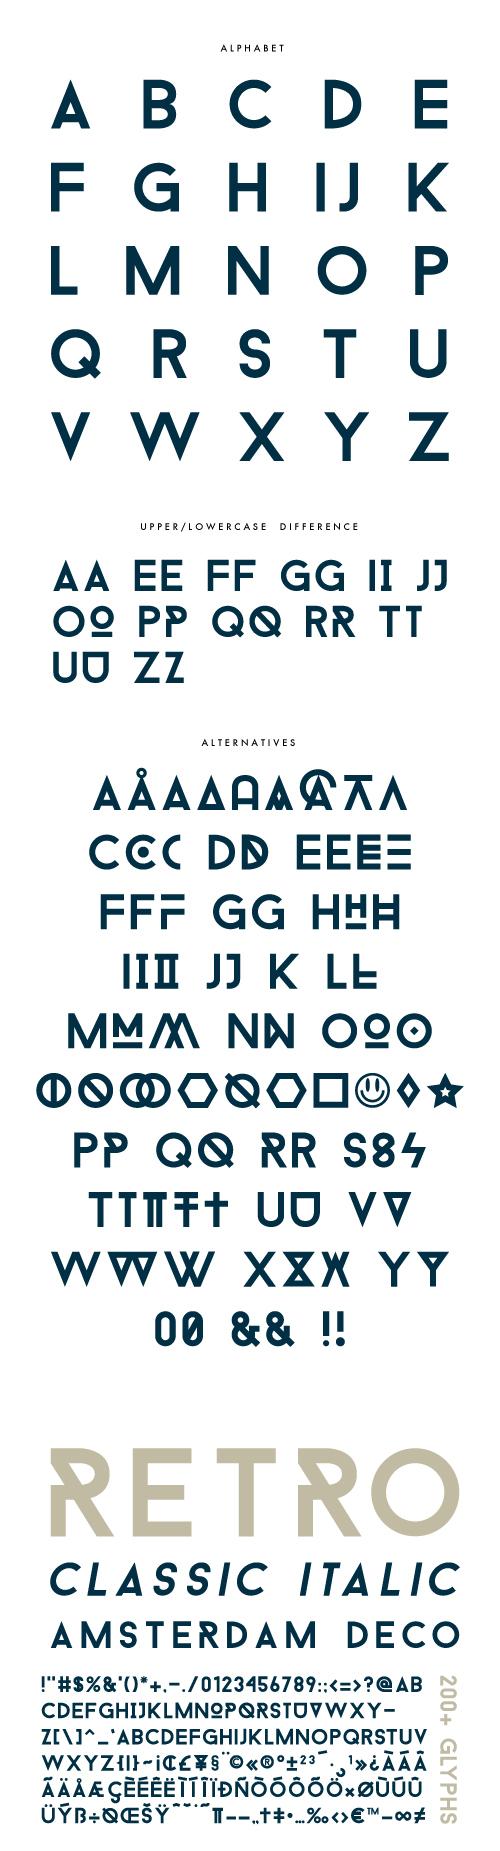 baron-typeface.jpg